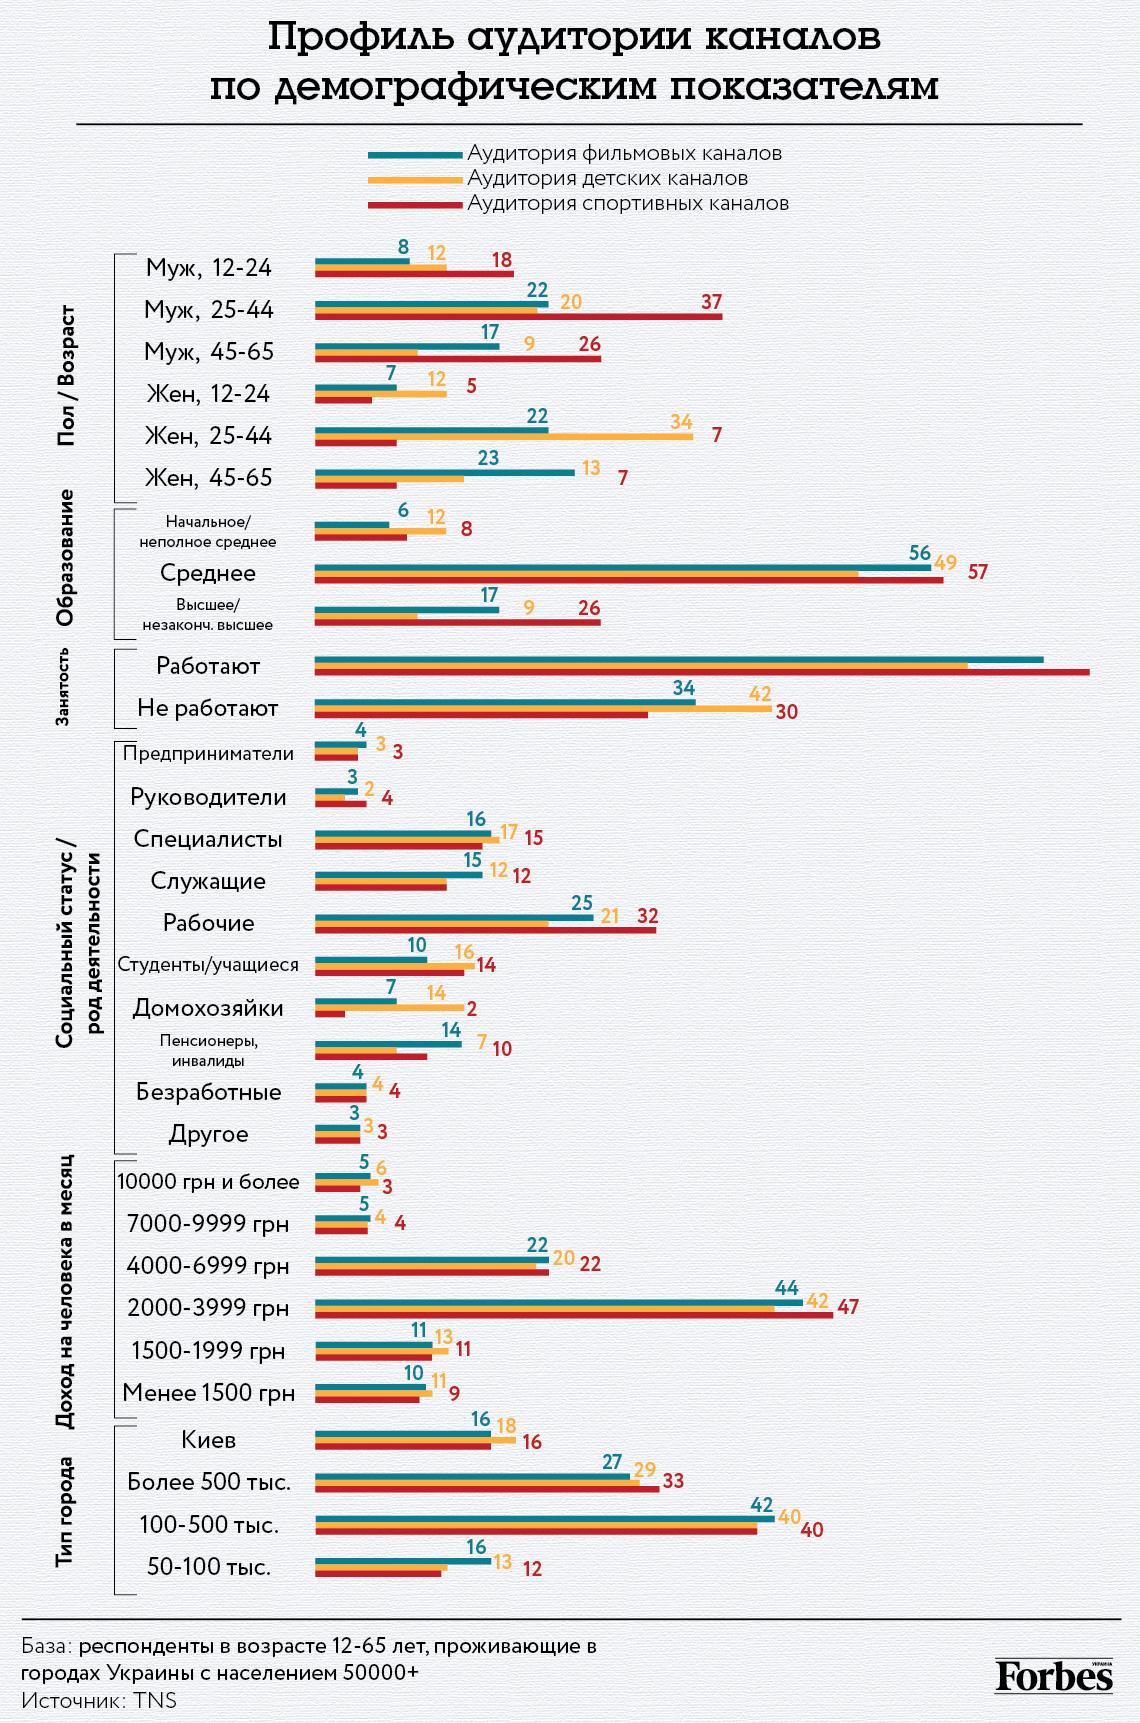 Профиль каналов по демографическим параметрам